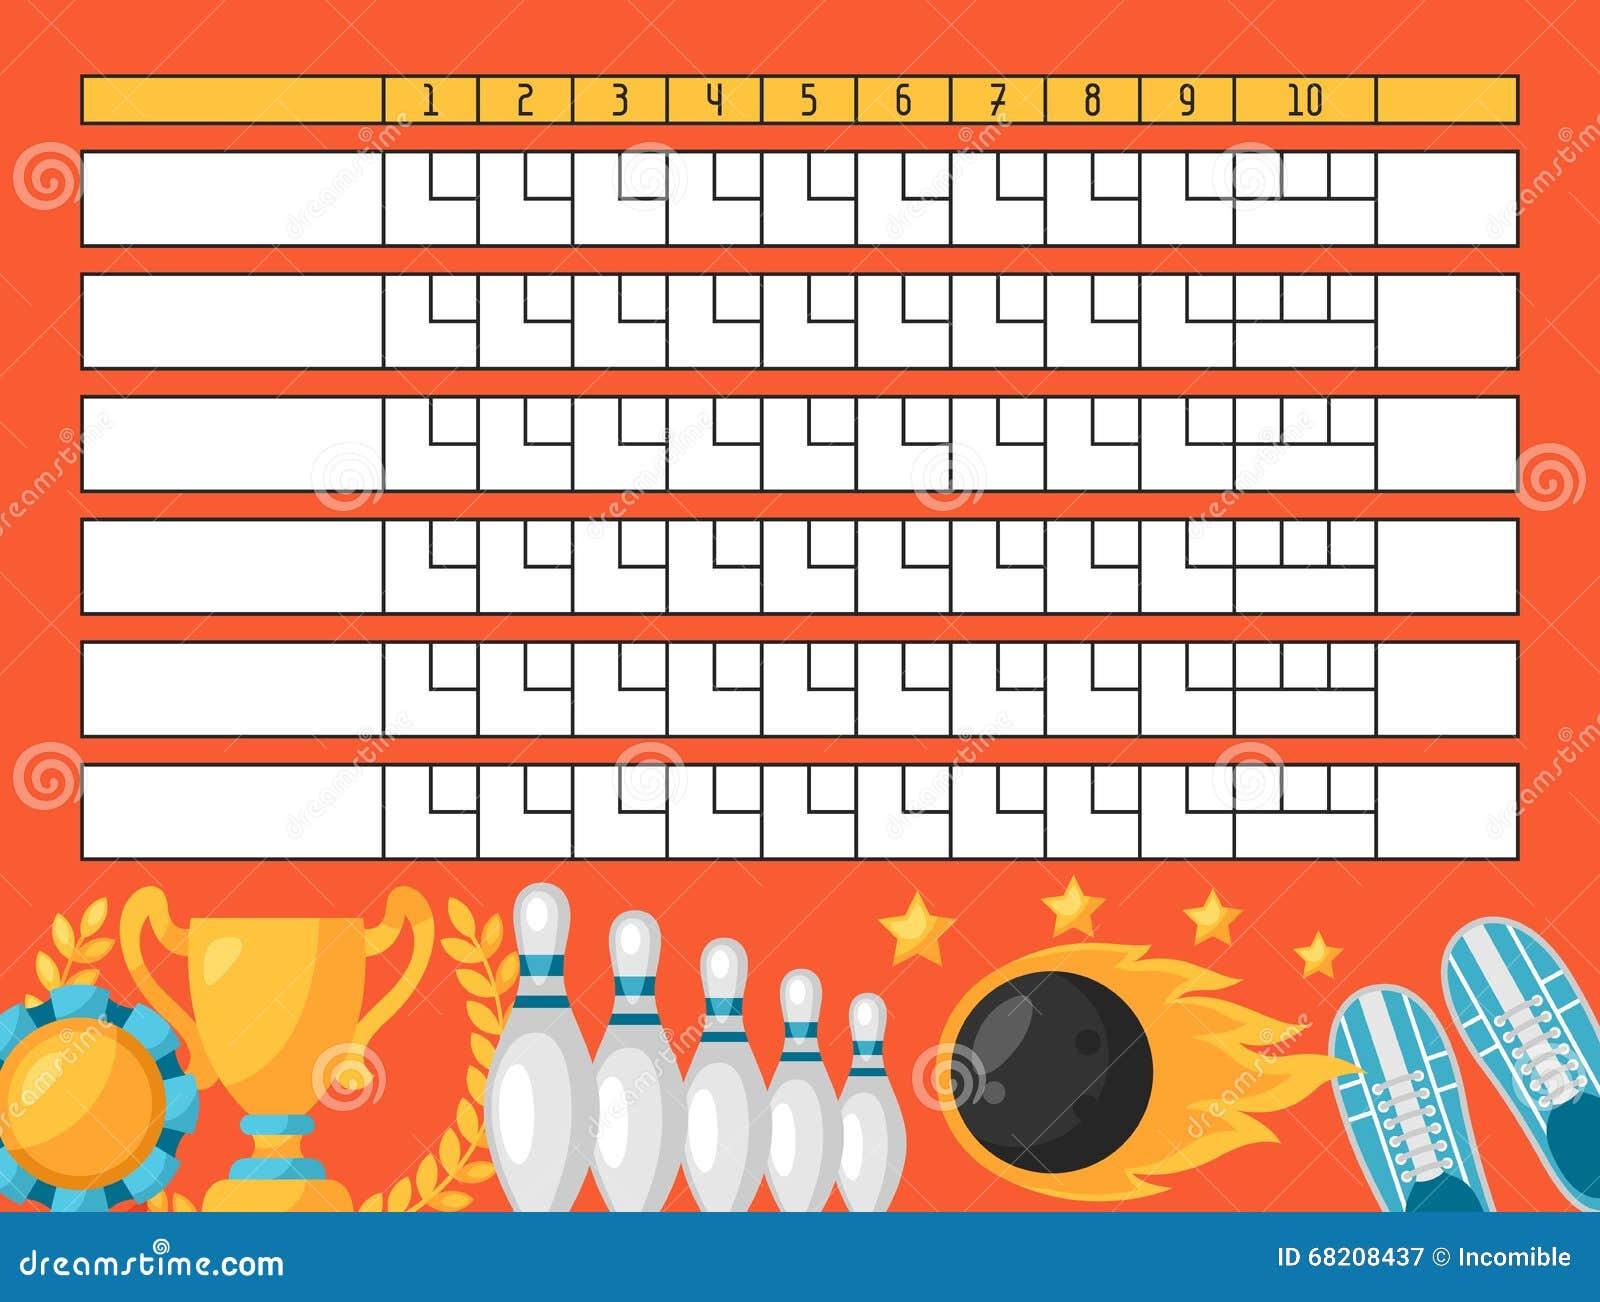 Ten pin bowling score card template.